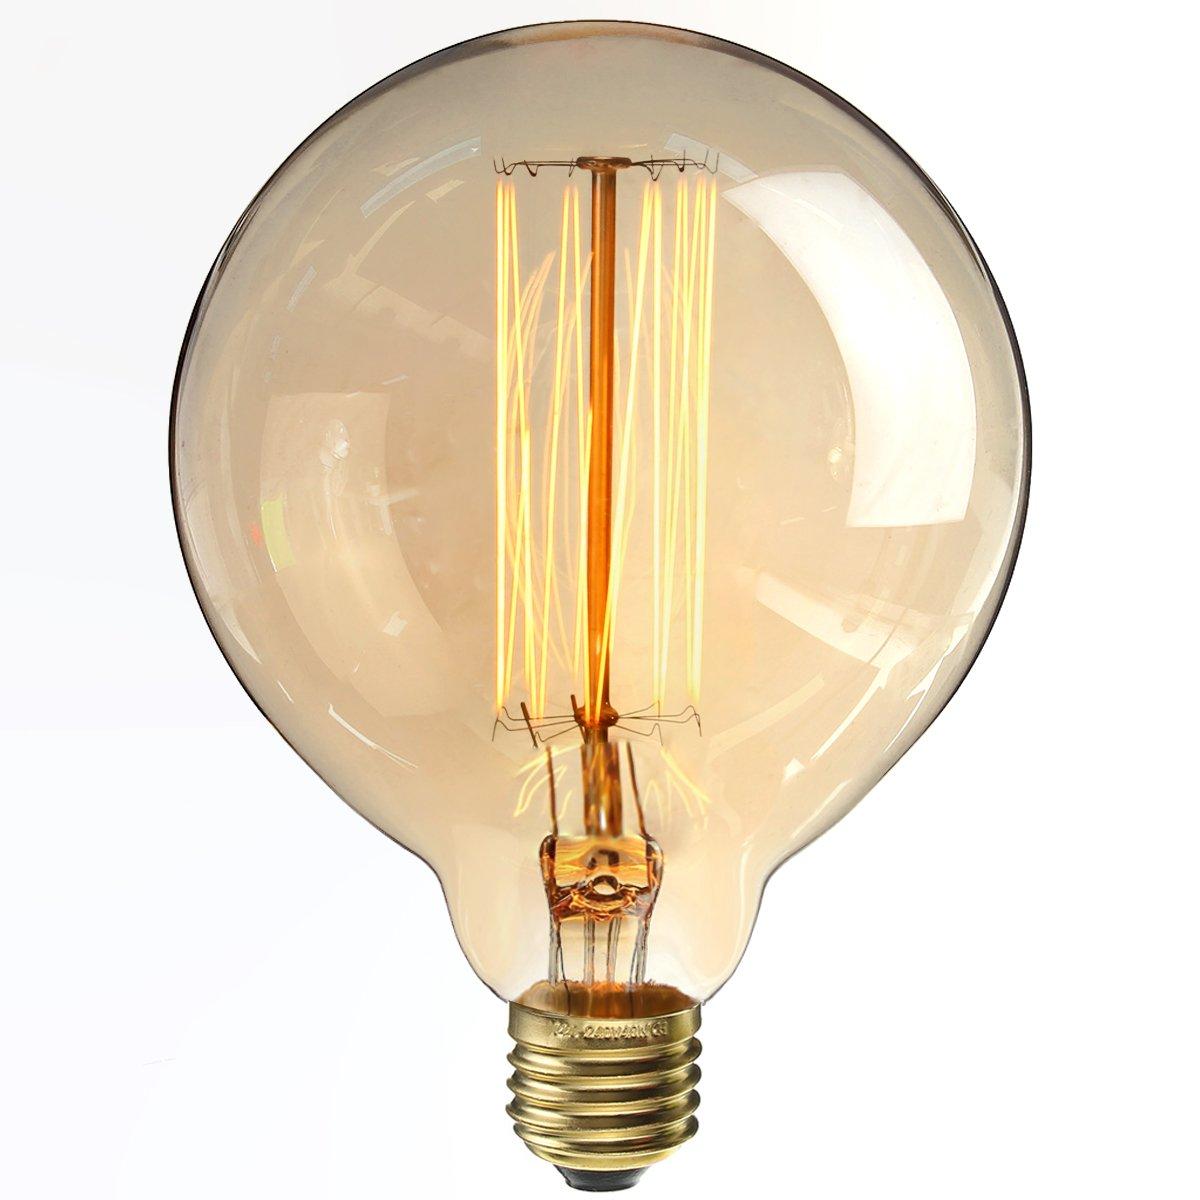 KINGSO Ampoules à Incandescence Lampe Edison 40W 220V G125 Globe Rétro Ampoule Vintage Antique